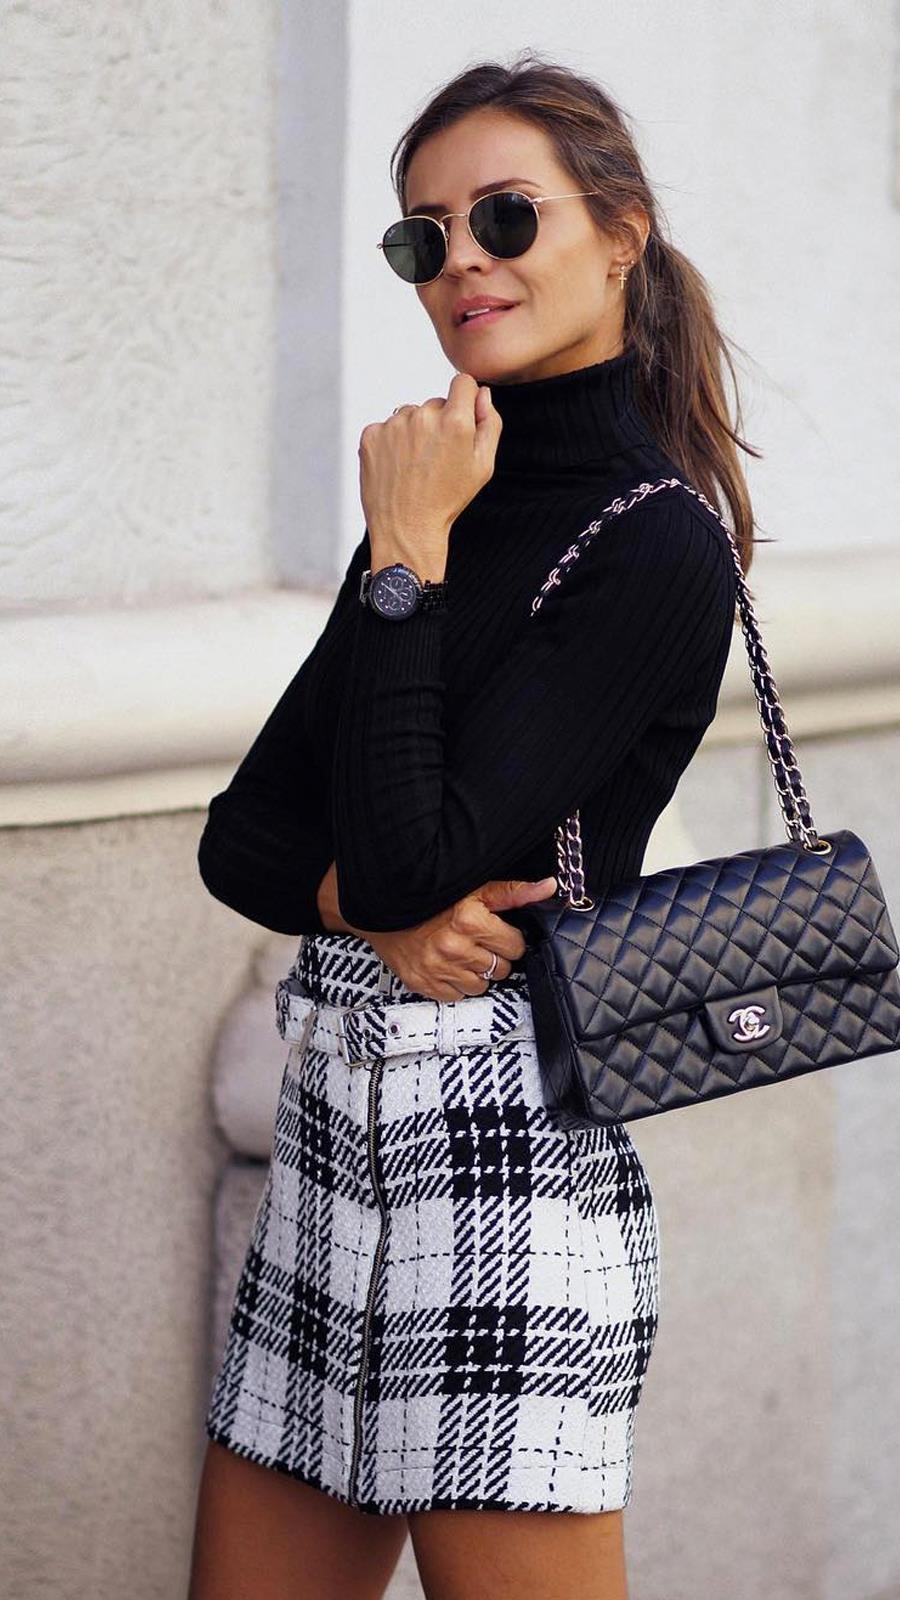 10 maneras de usar una falda de cuero cuando hace frío AF